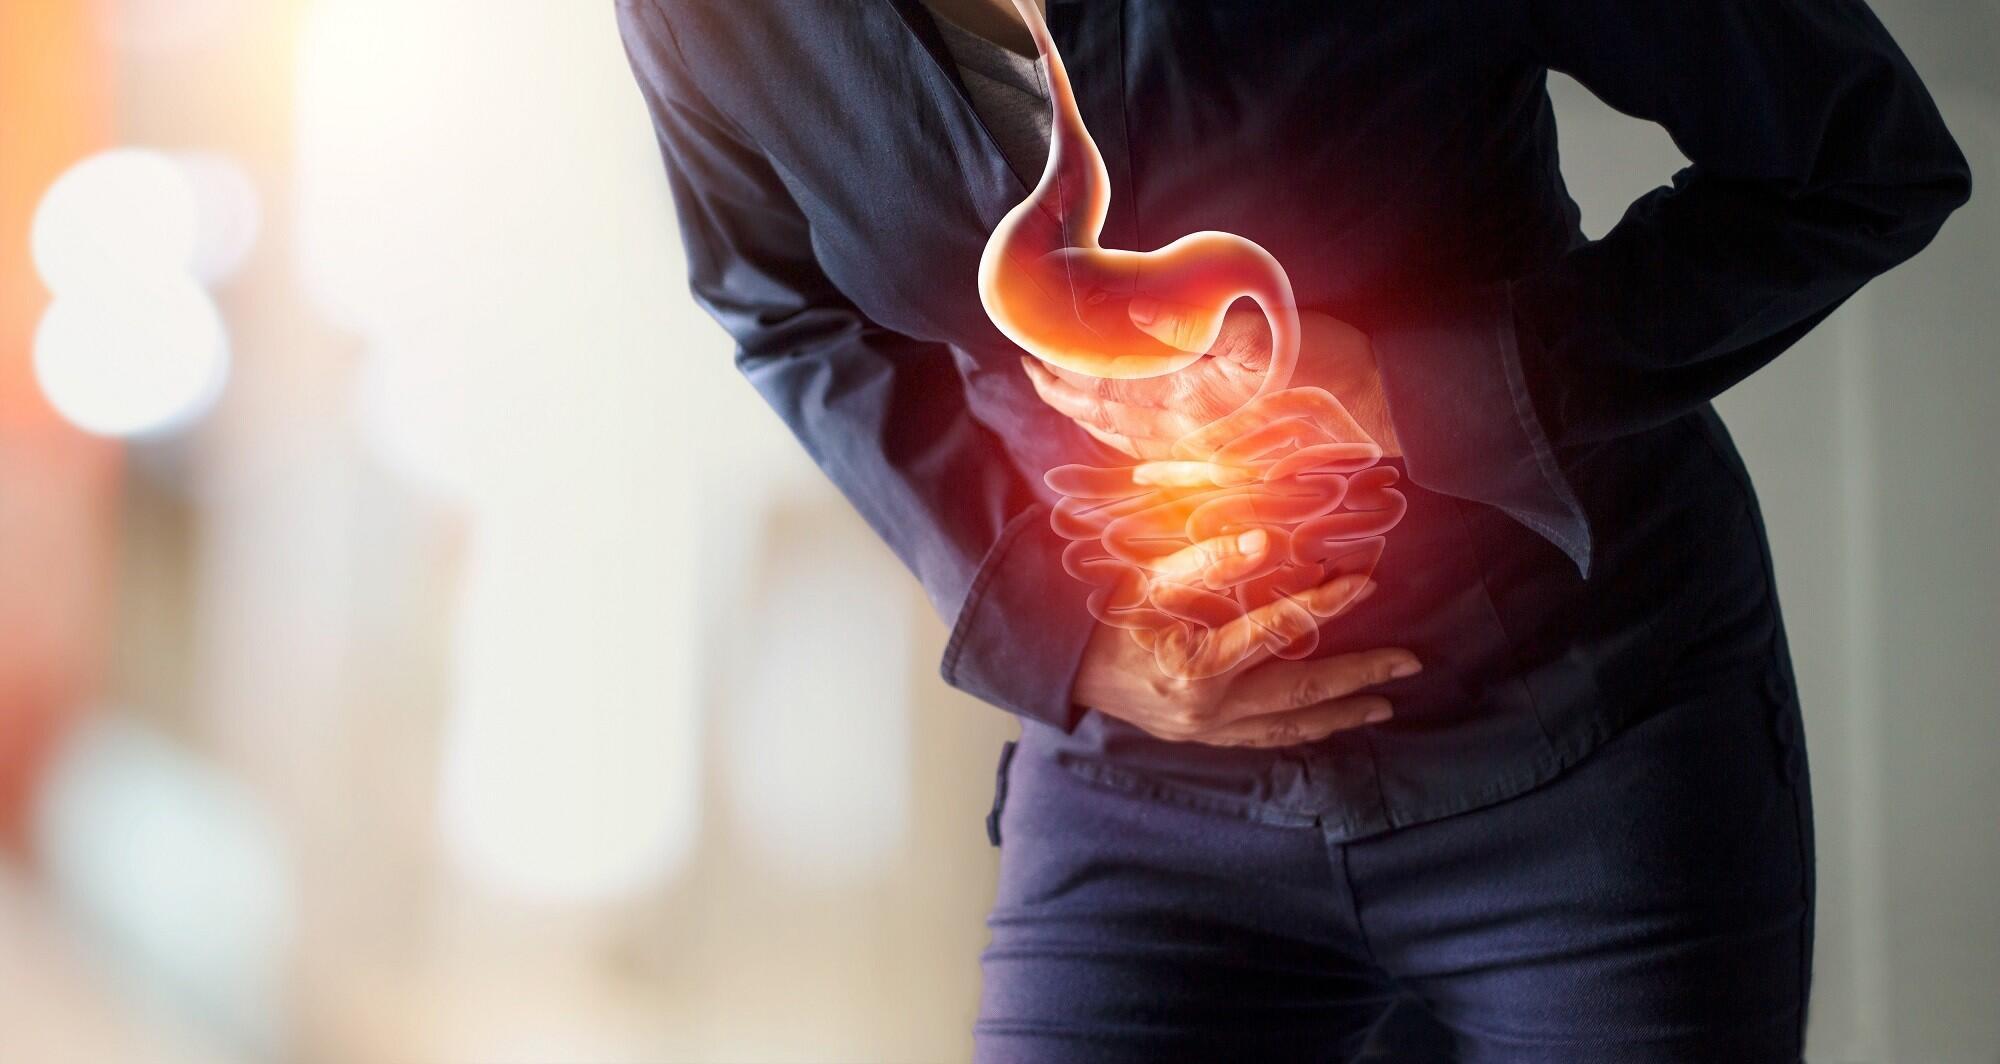 الفطريات في الأمعاء وعلاجها